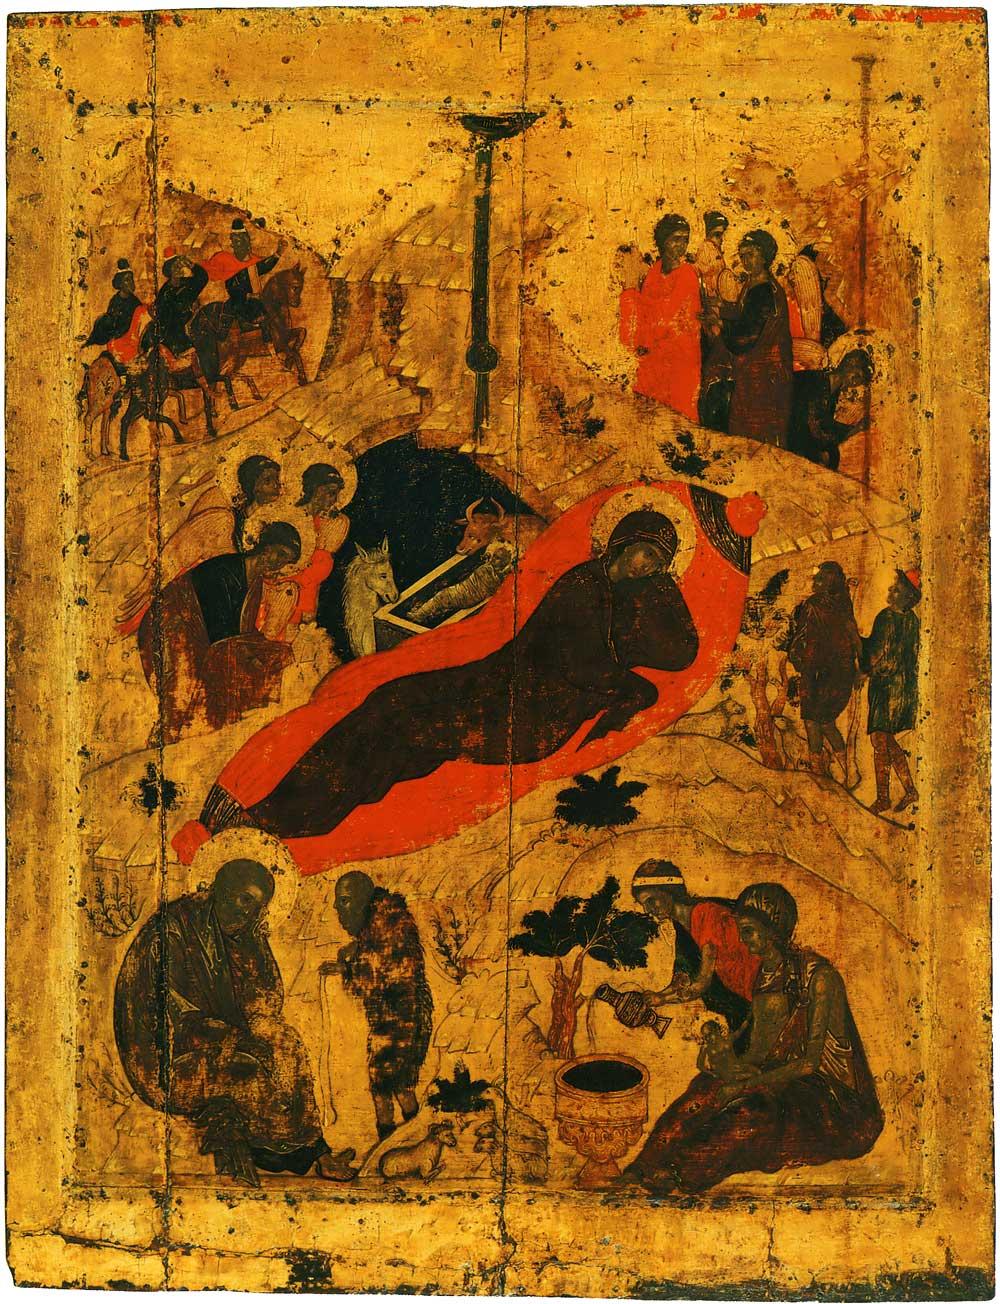 Ikone aus der Mariä-Verkündigungs-Kathedrale in Moskau, 15. Jahrhundert